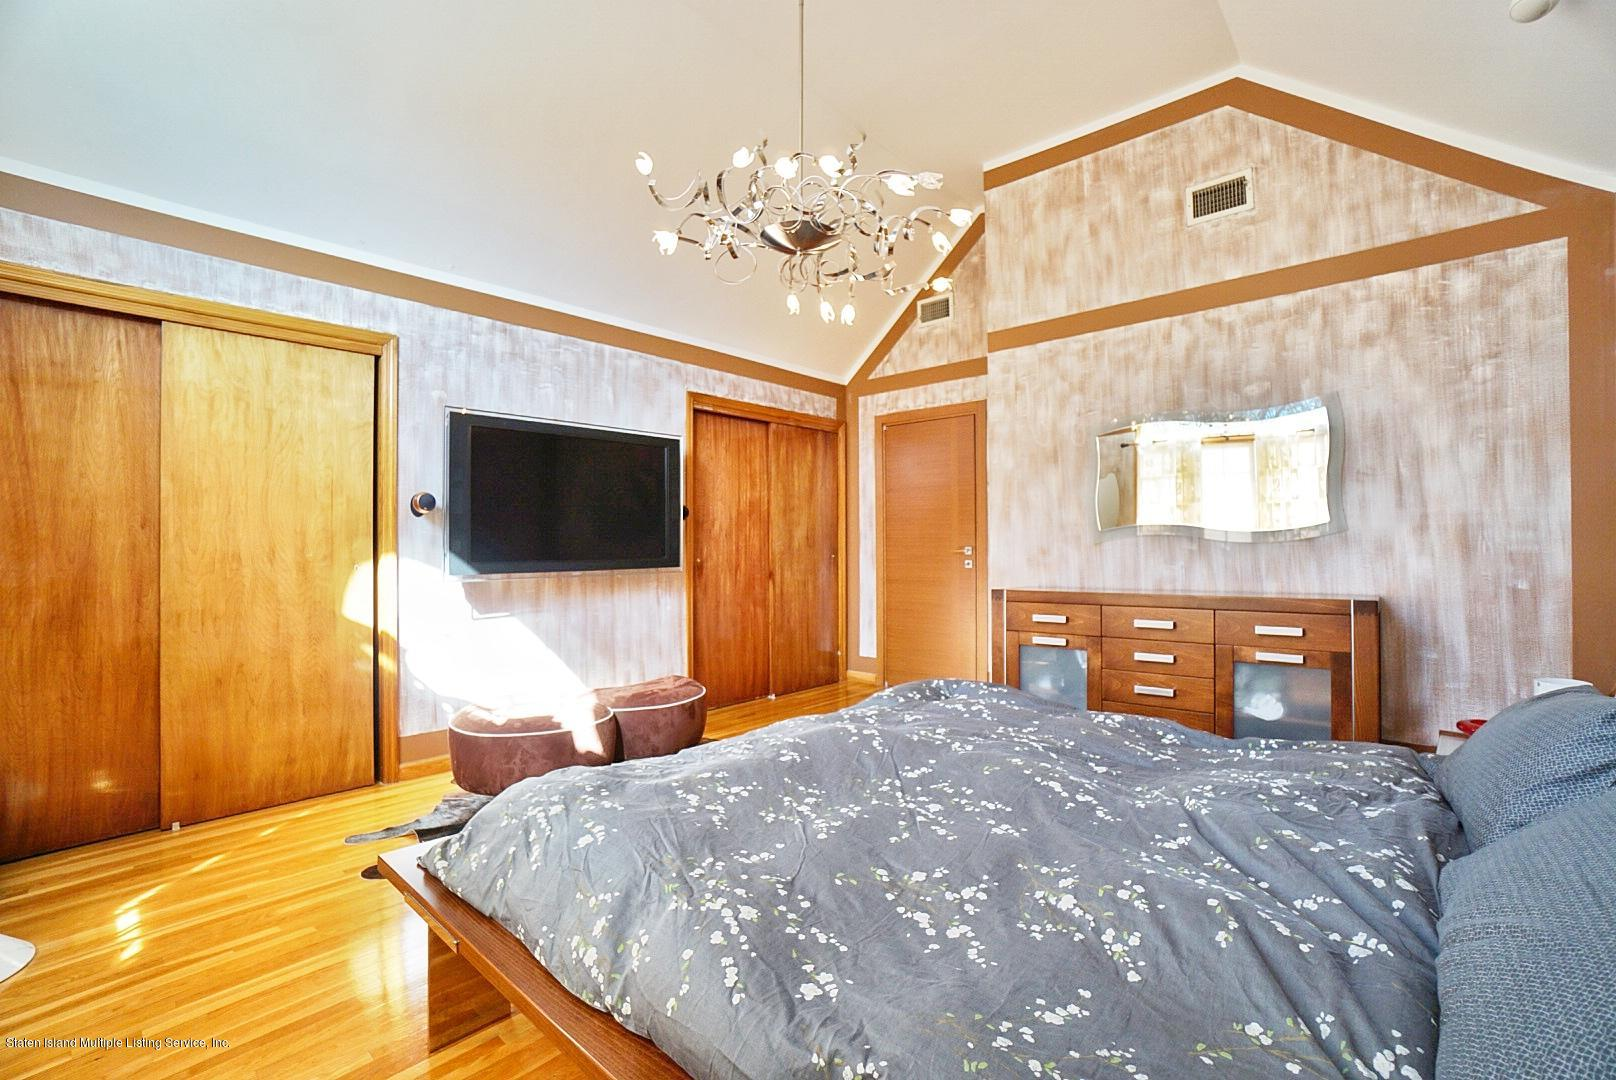 Single Family - Detached 329 Mcbaine Avenue  Staten Island, NY 10309, MLS-1127552-23